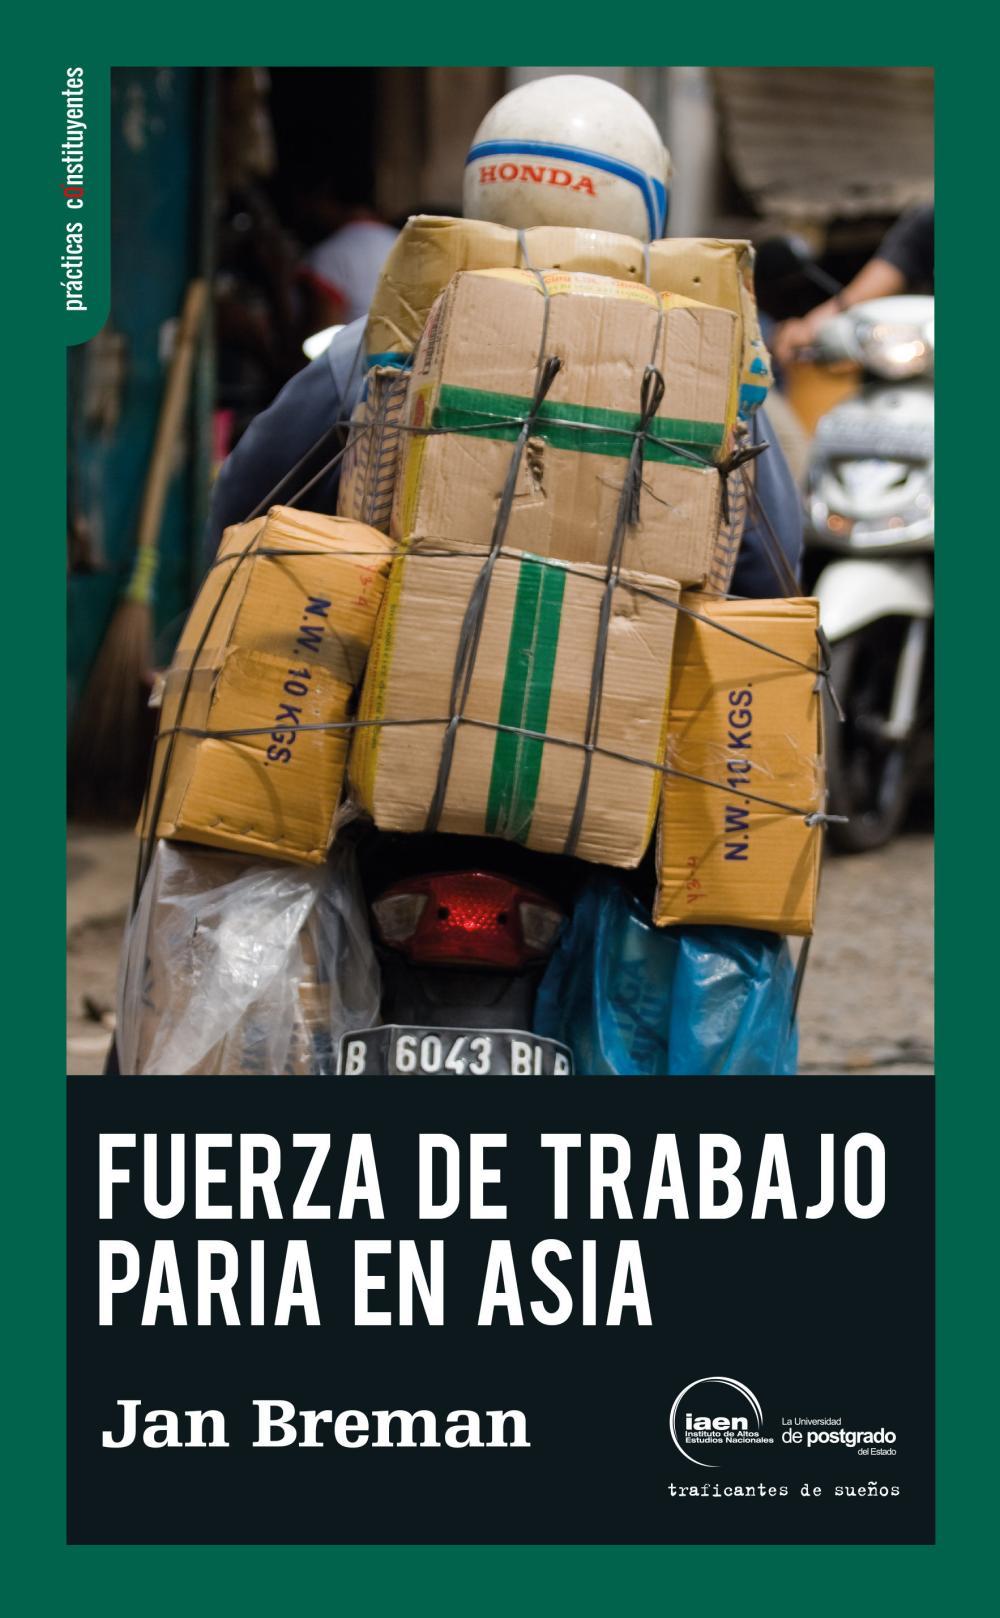 FUERZA DE TRABAJO PARIA EN ASIA